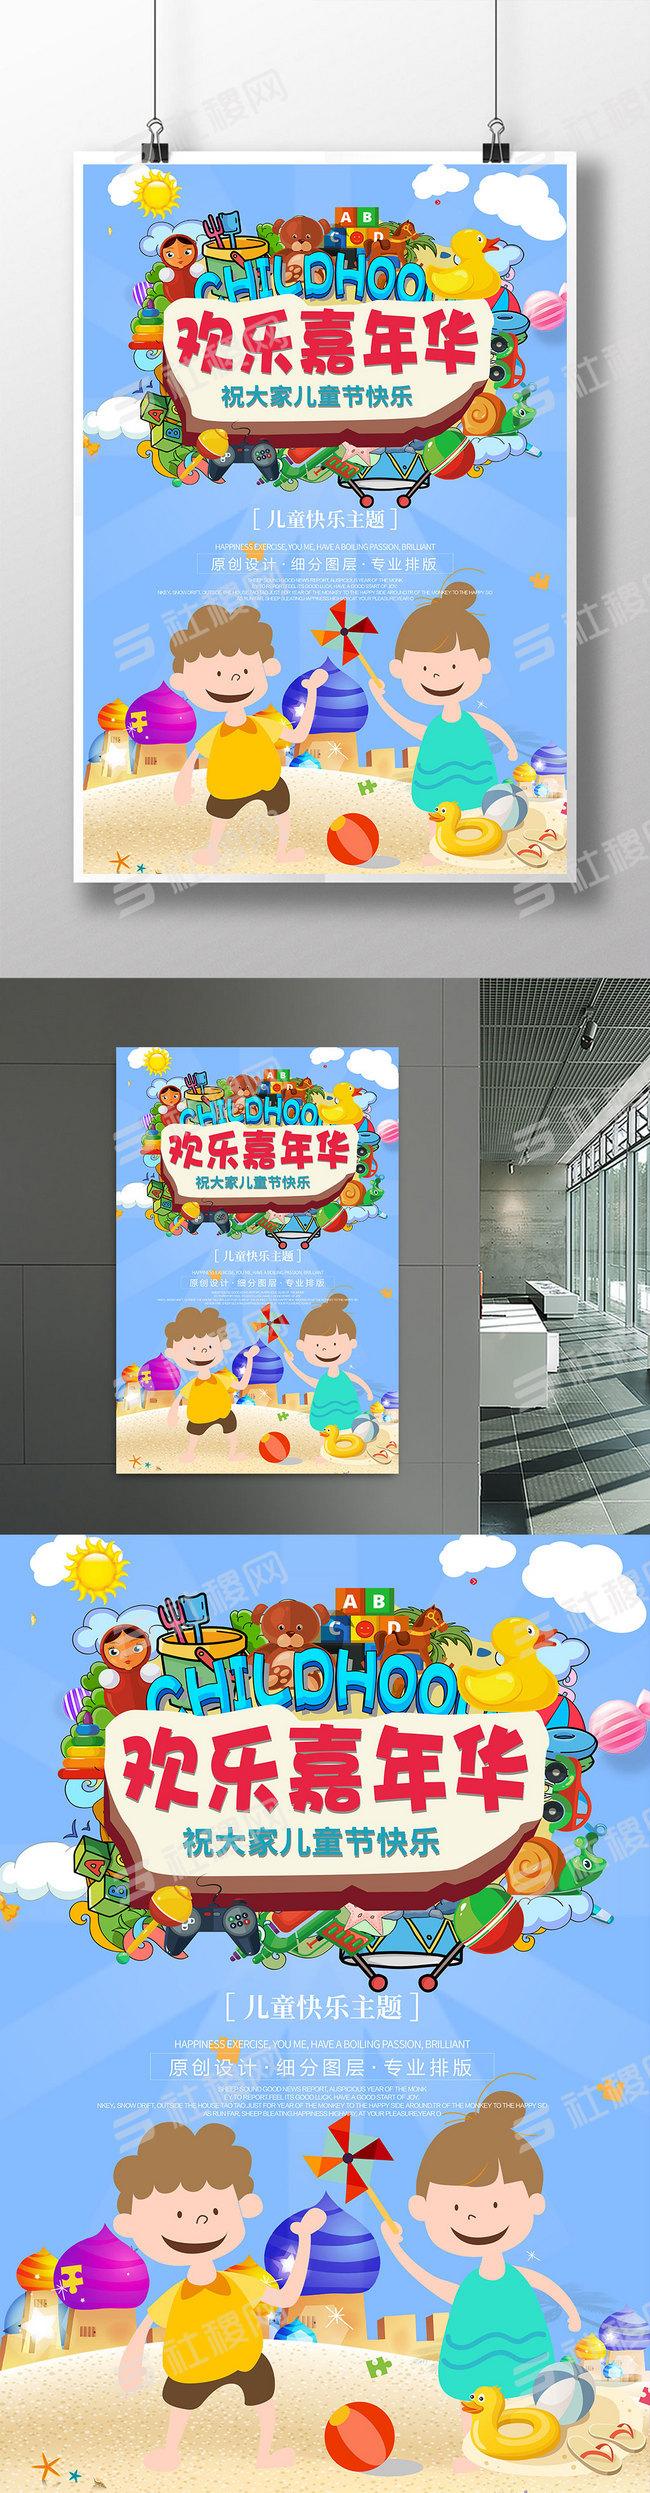 蓝色时尚卡通儿童节节日海报